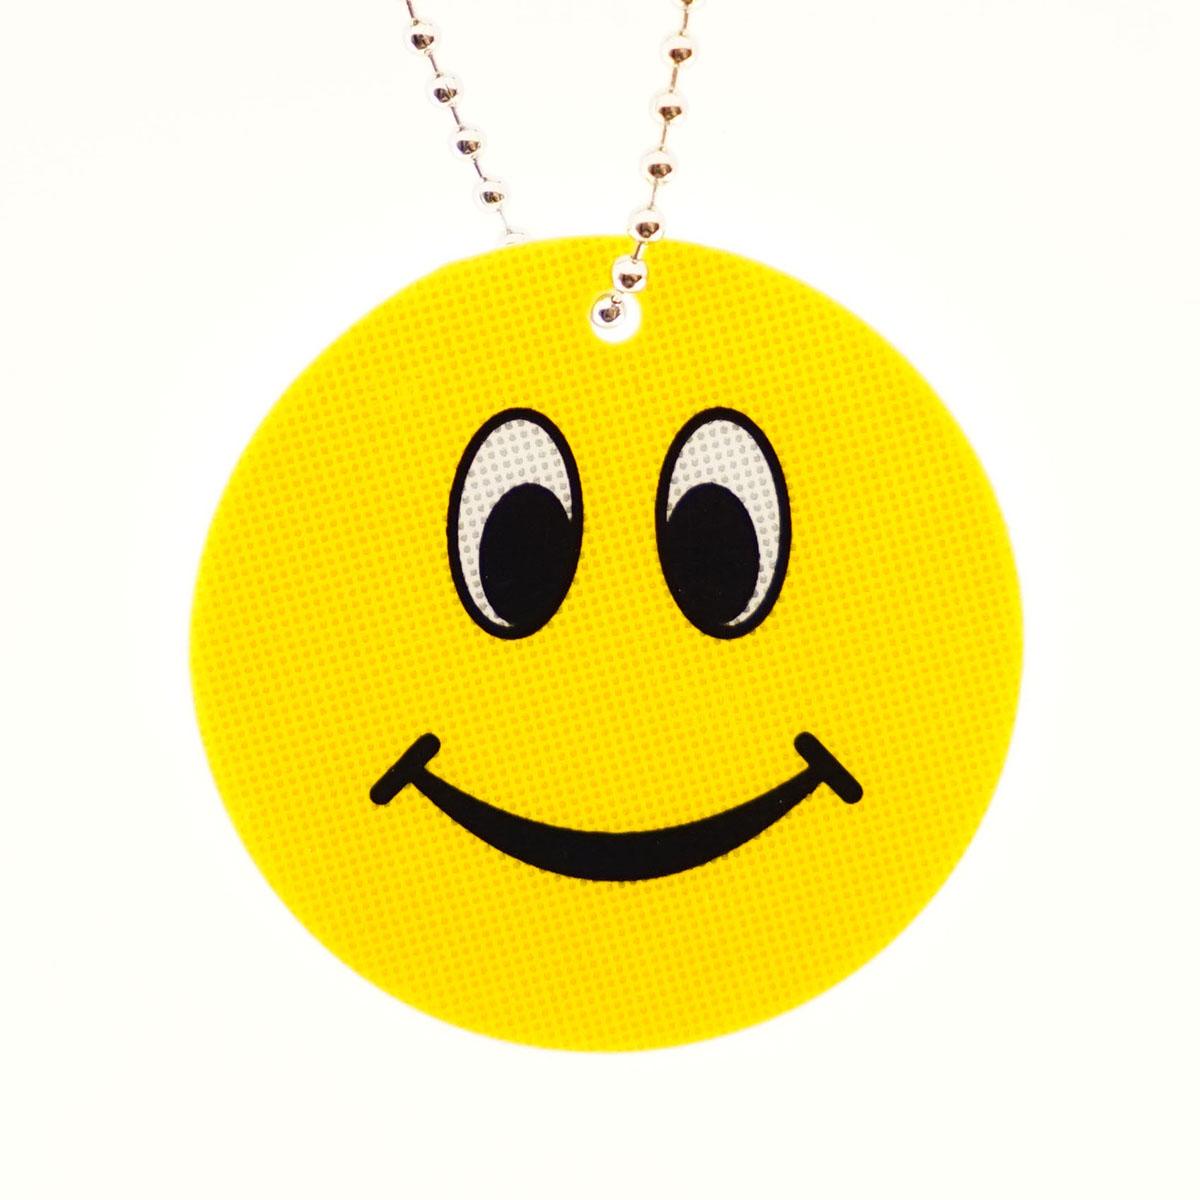 Световозвращатель подвеска пластик 'Смайл улыбка'